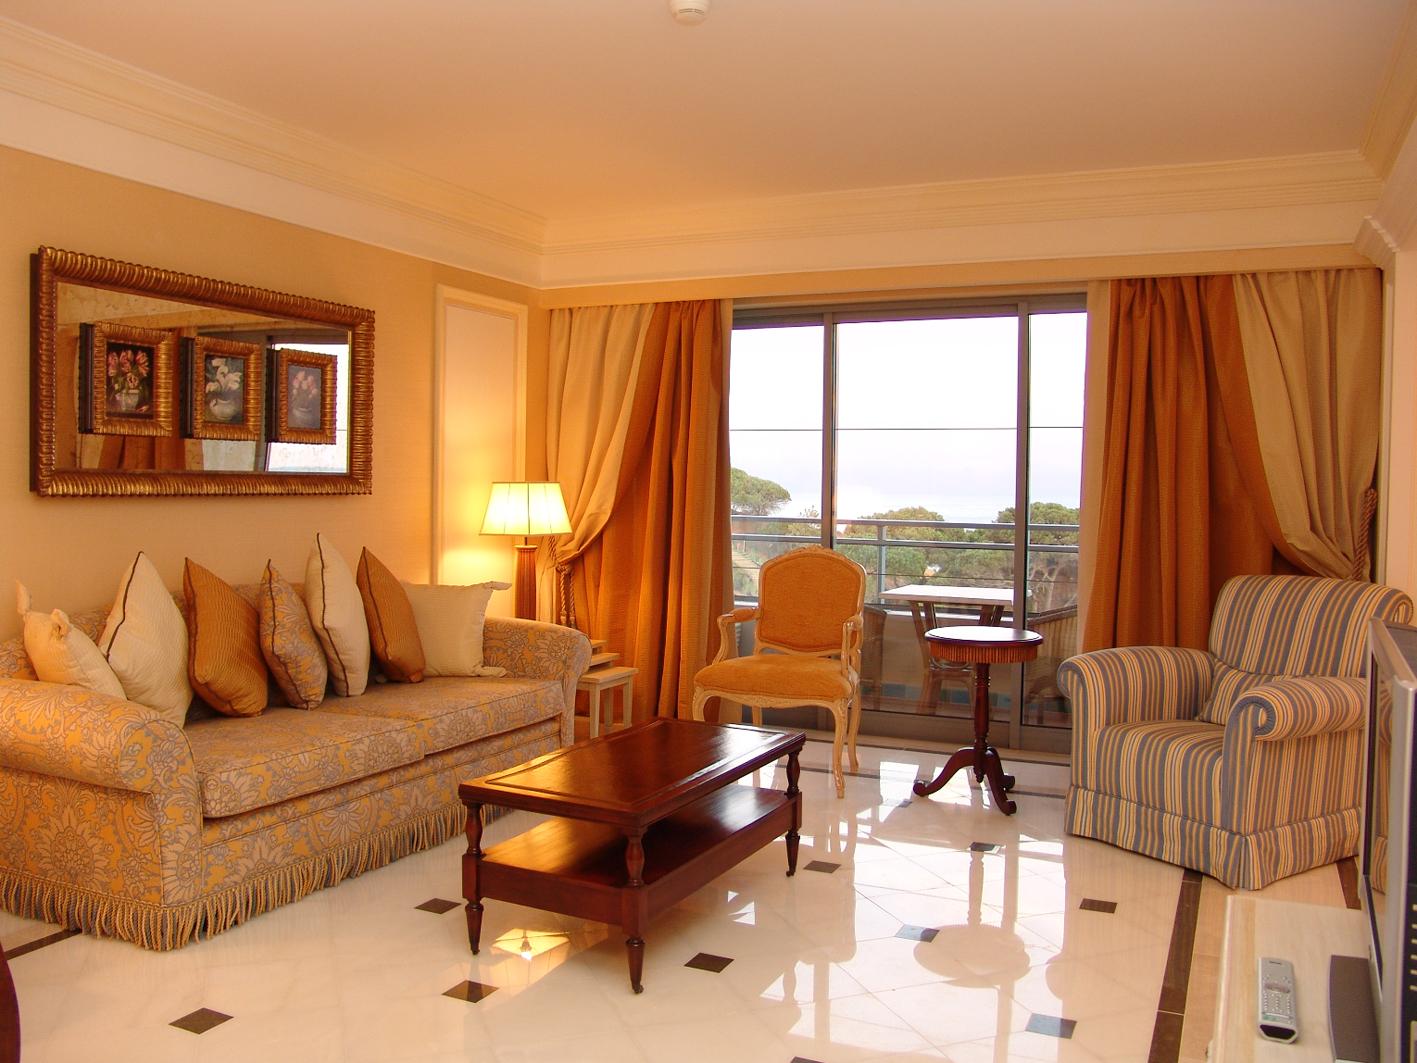 Contoh gambar ruang tamu rumah